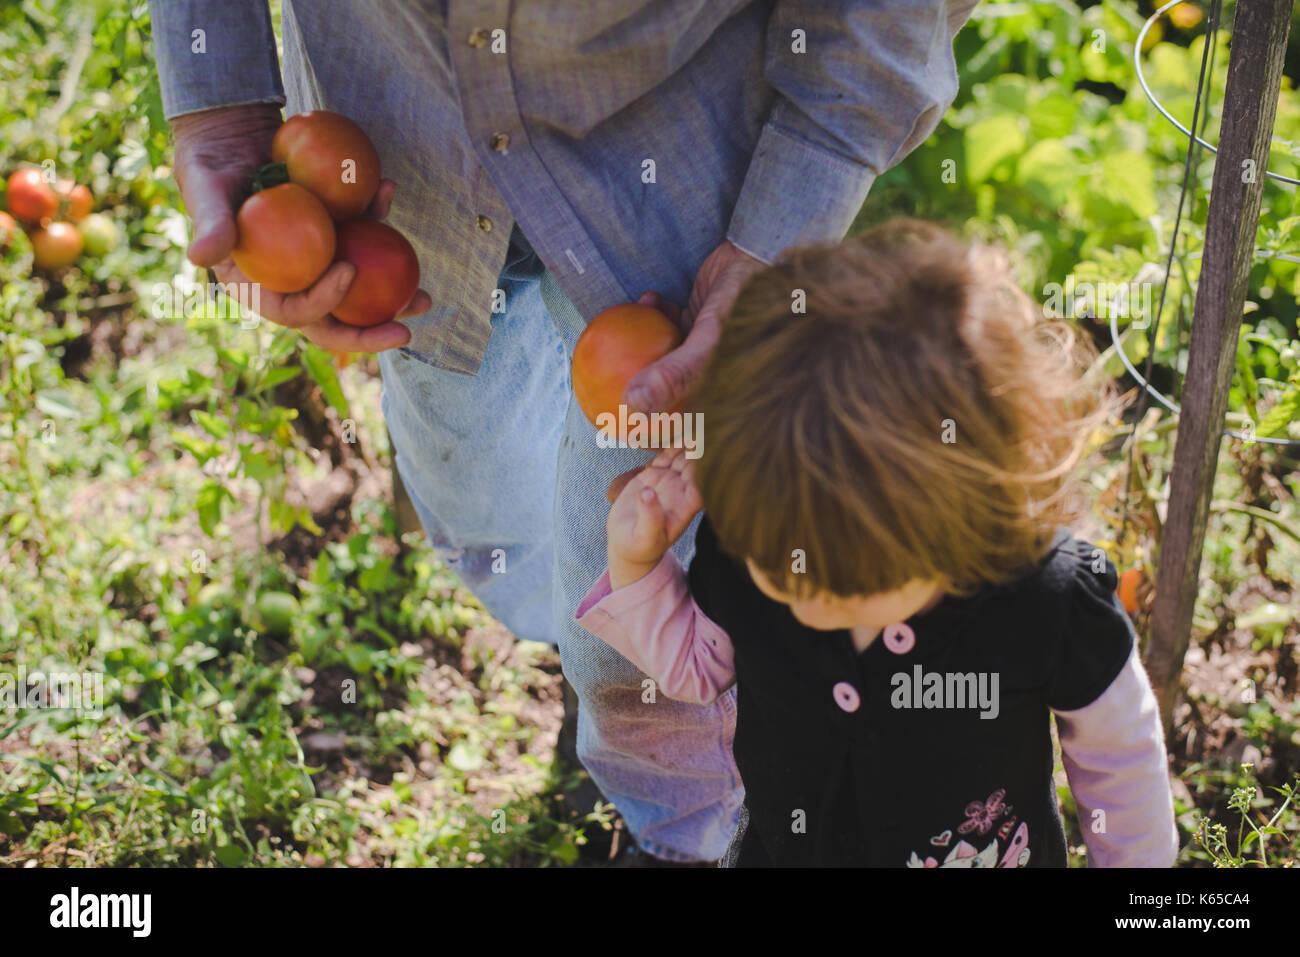 Un bambino e un uomo raccogliere pomodori da un giardino esterno. Immagini Stock